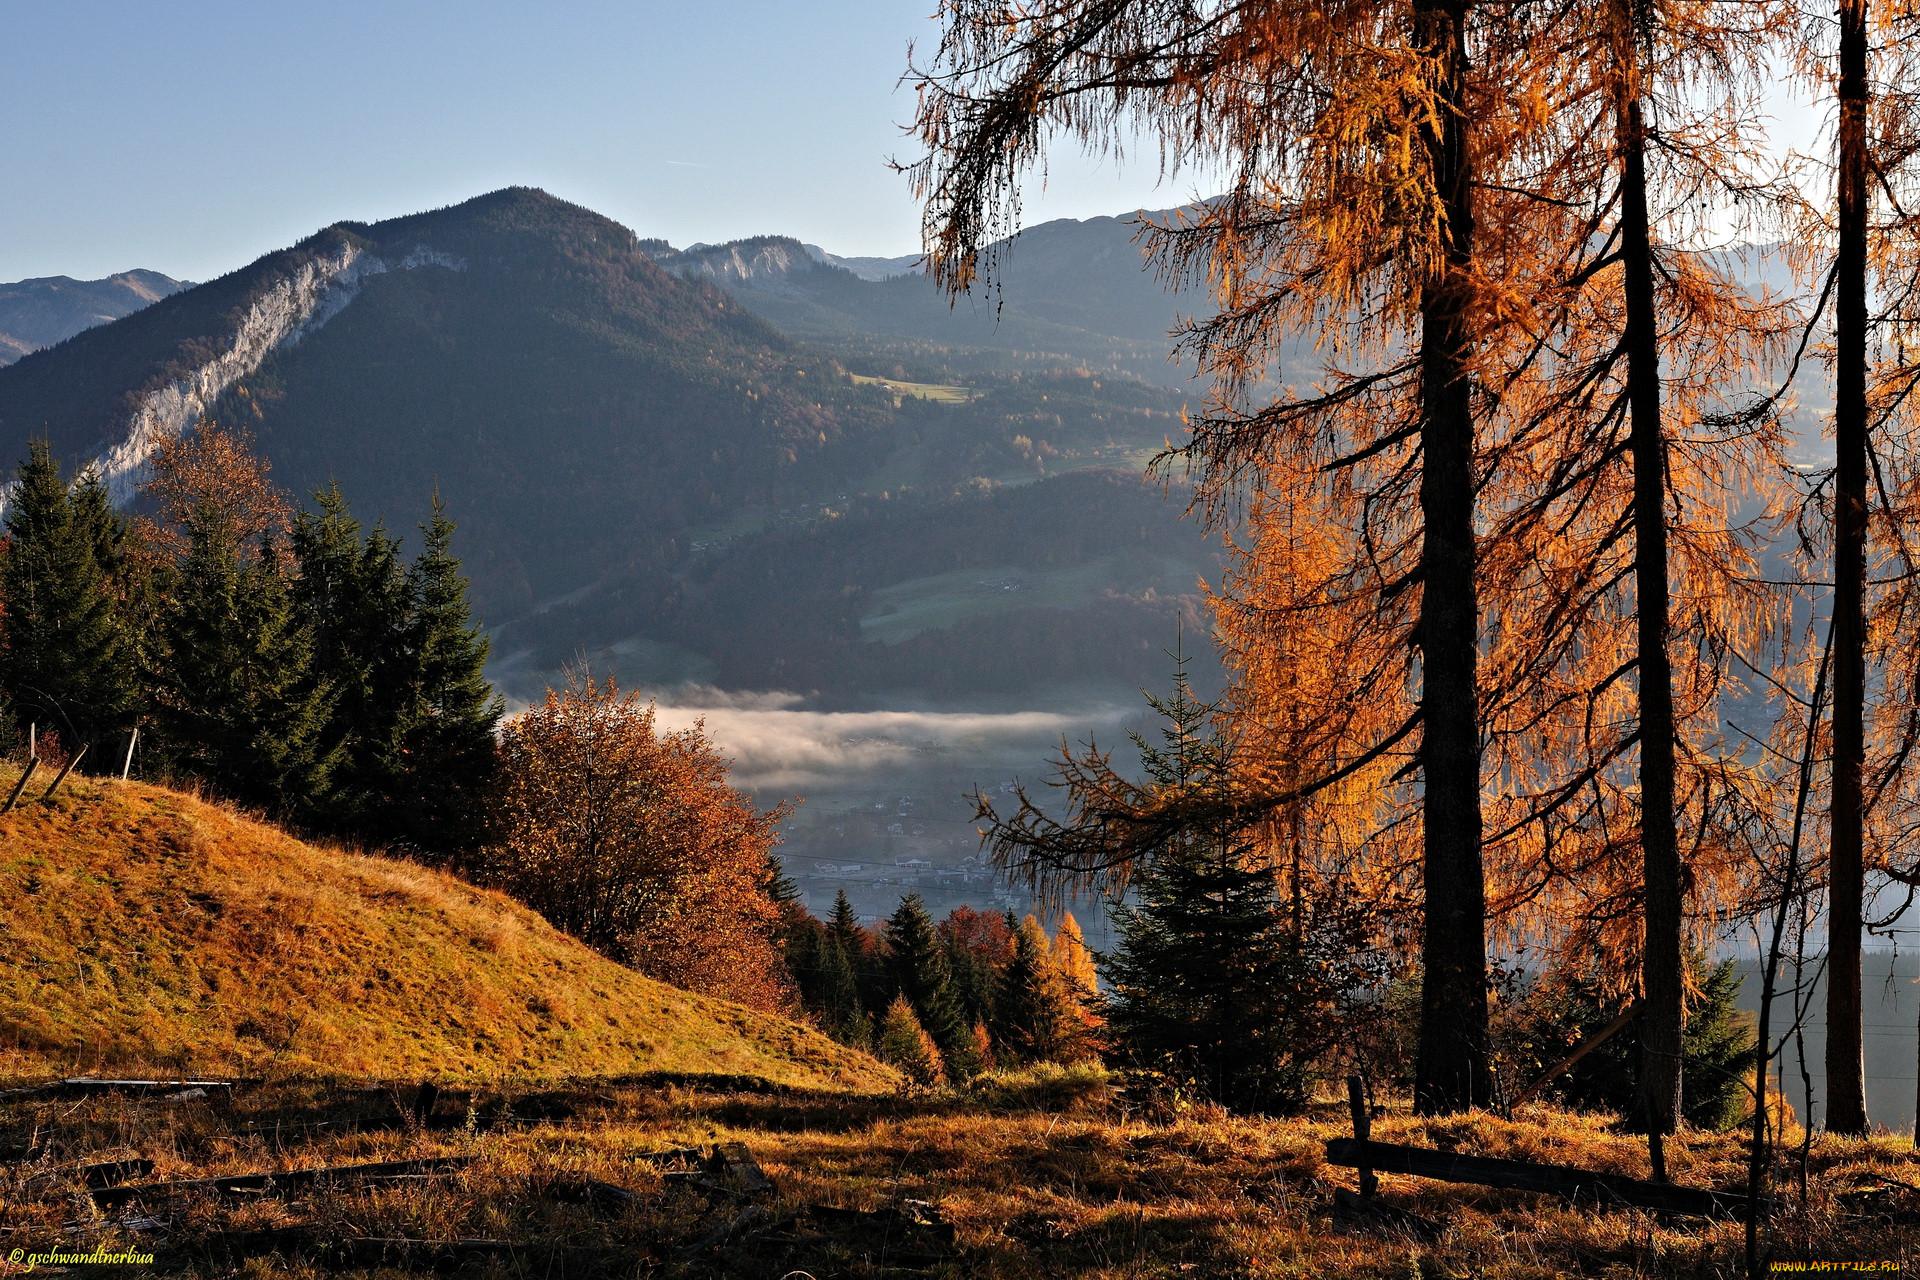 этом фото картинки природа в горах осень темно-зеленые, блестящие